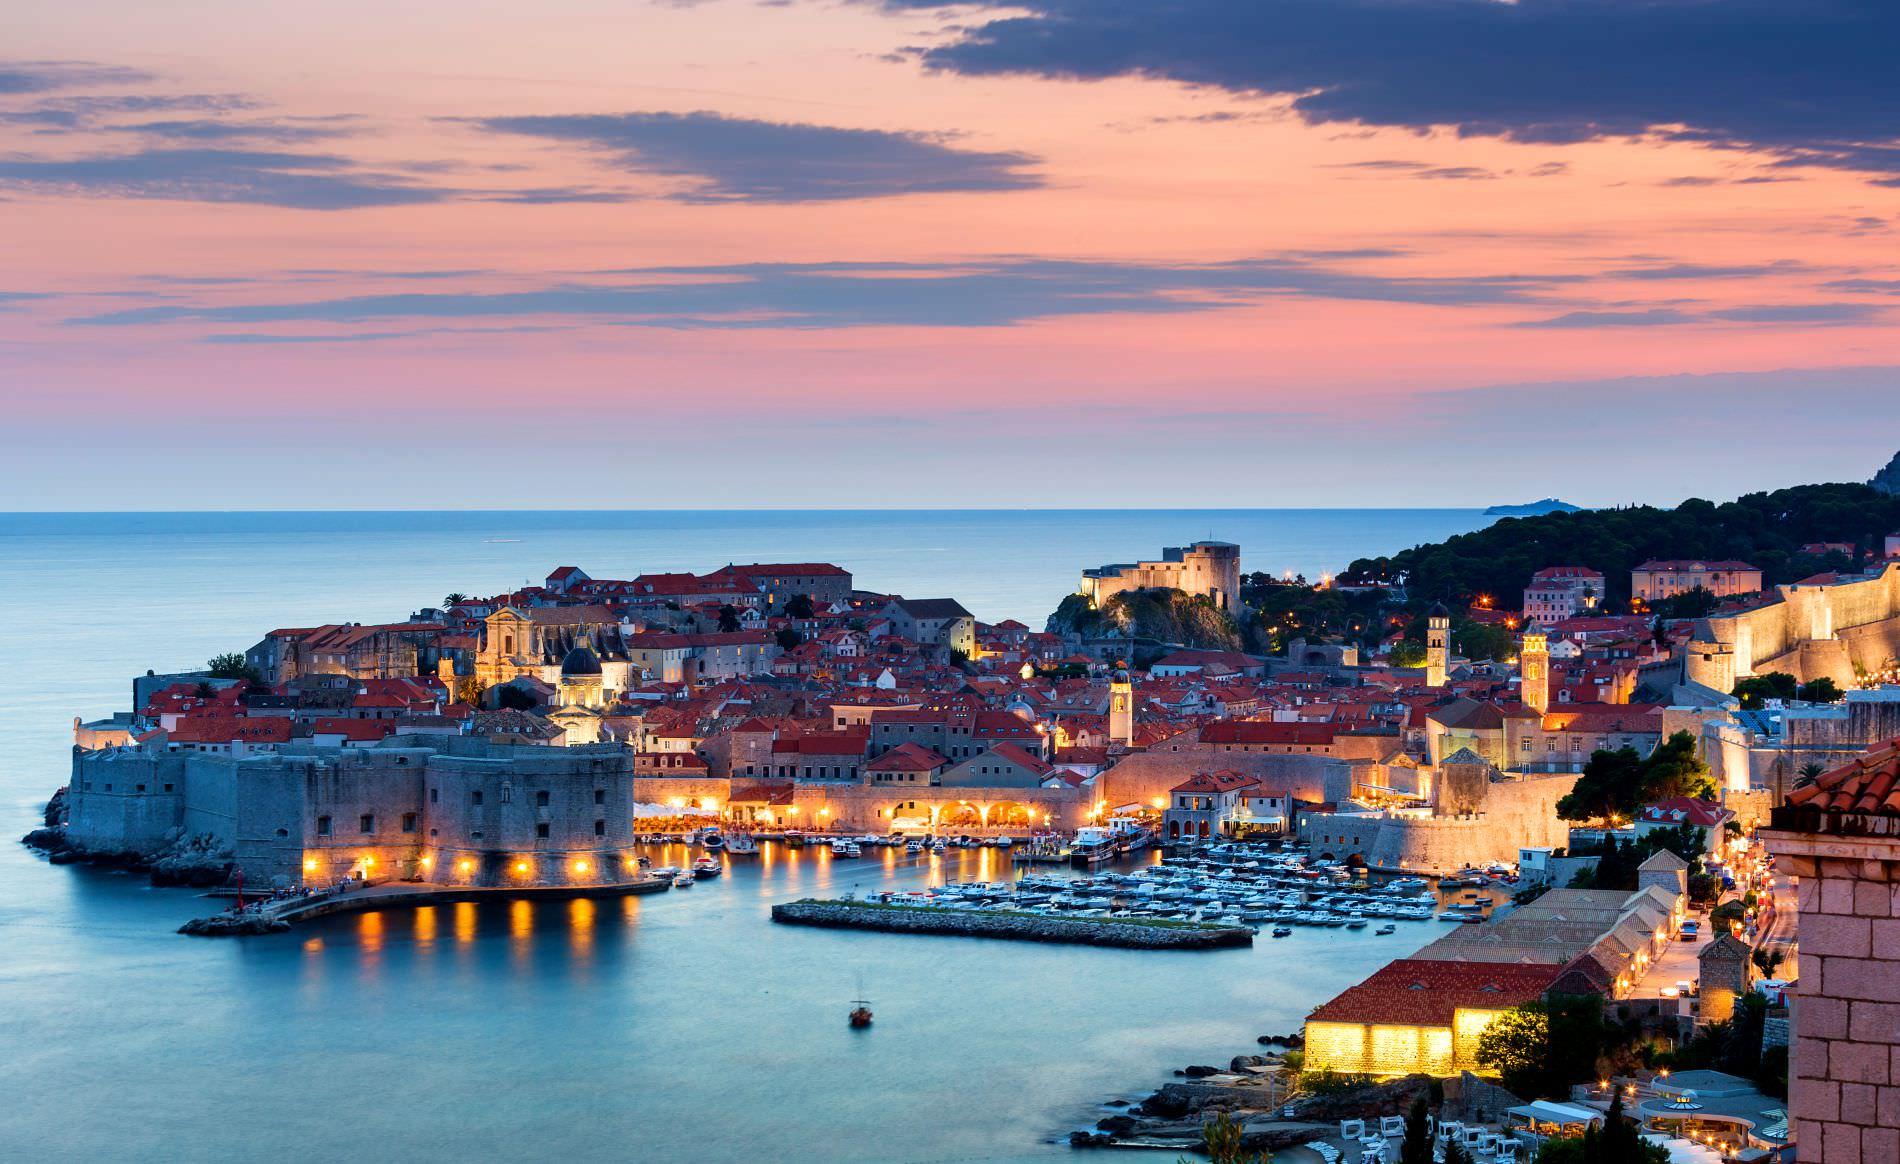 Hình ảnh thơ mộng của đất nước Croatia về đêm. Ảnh: Circolonauticocervia